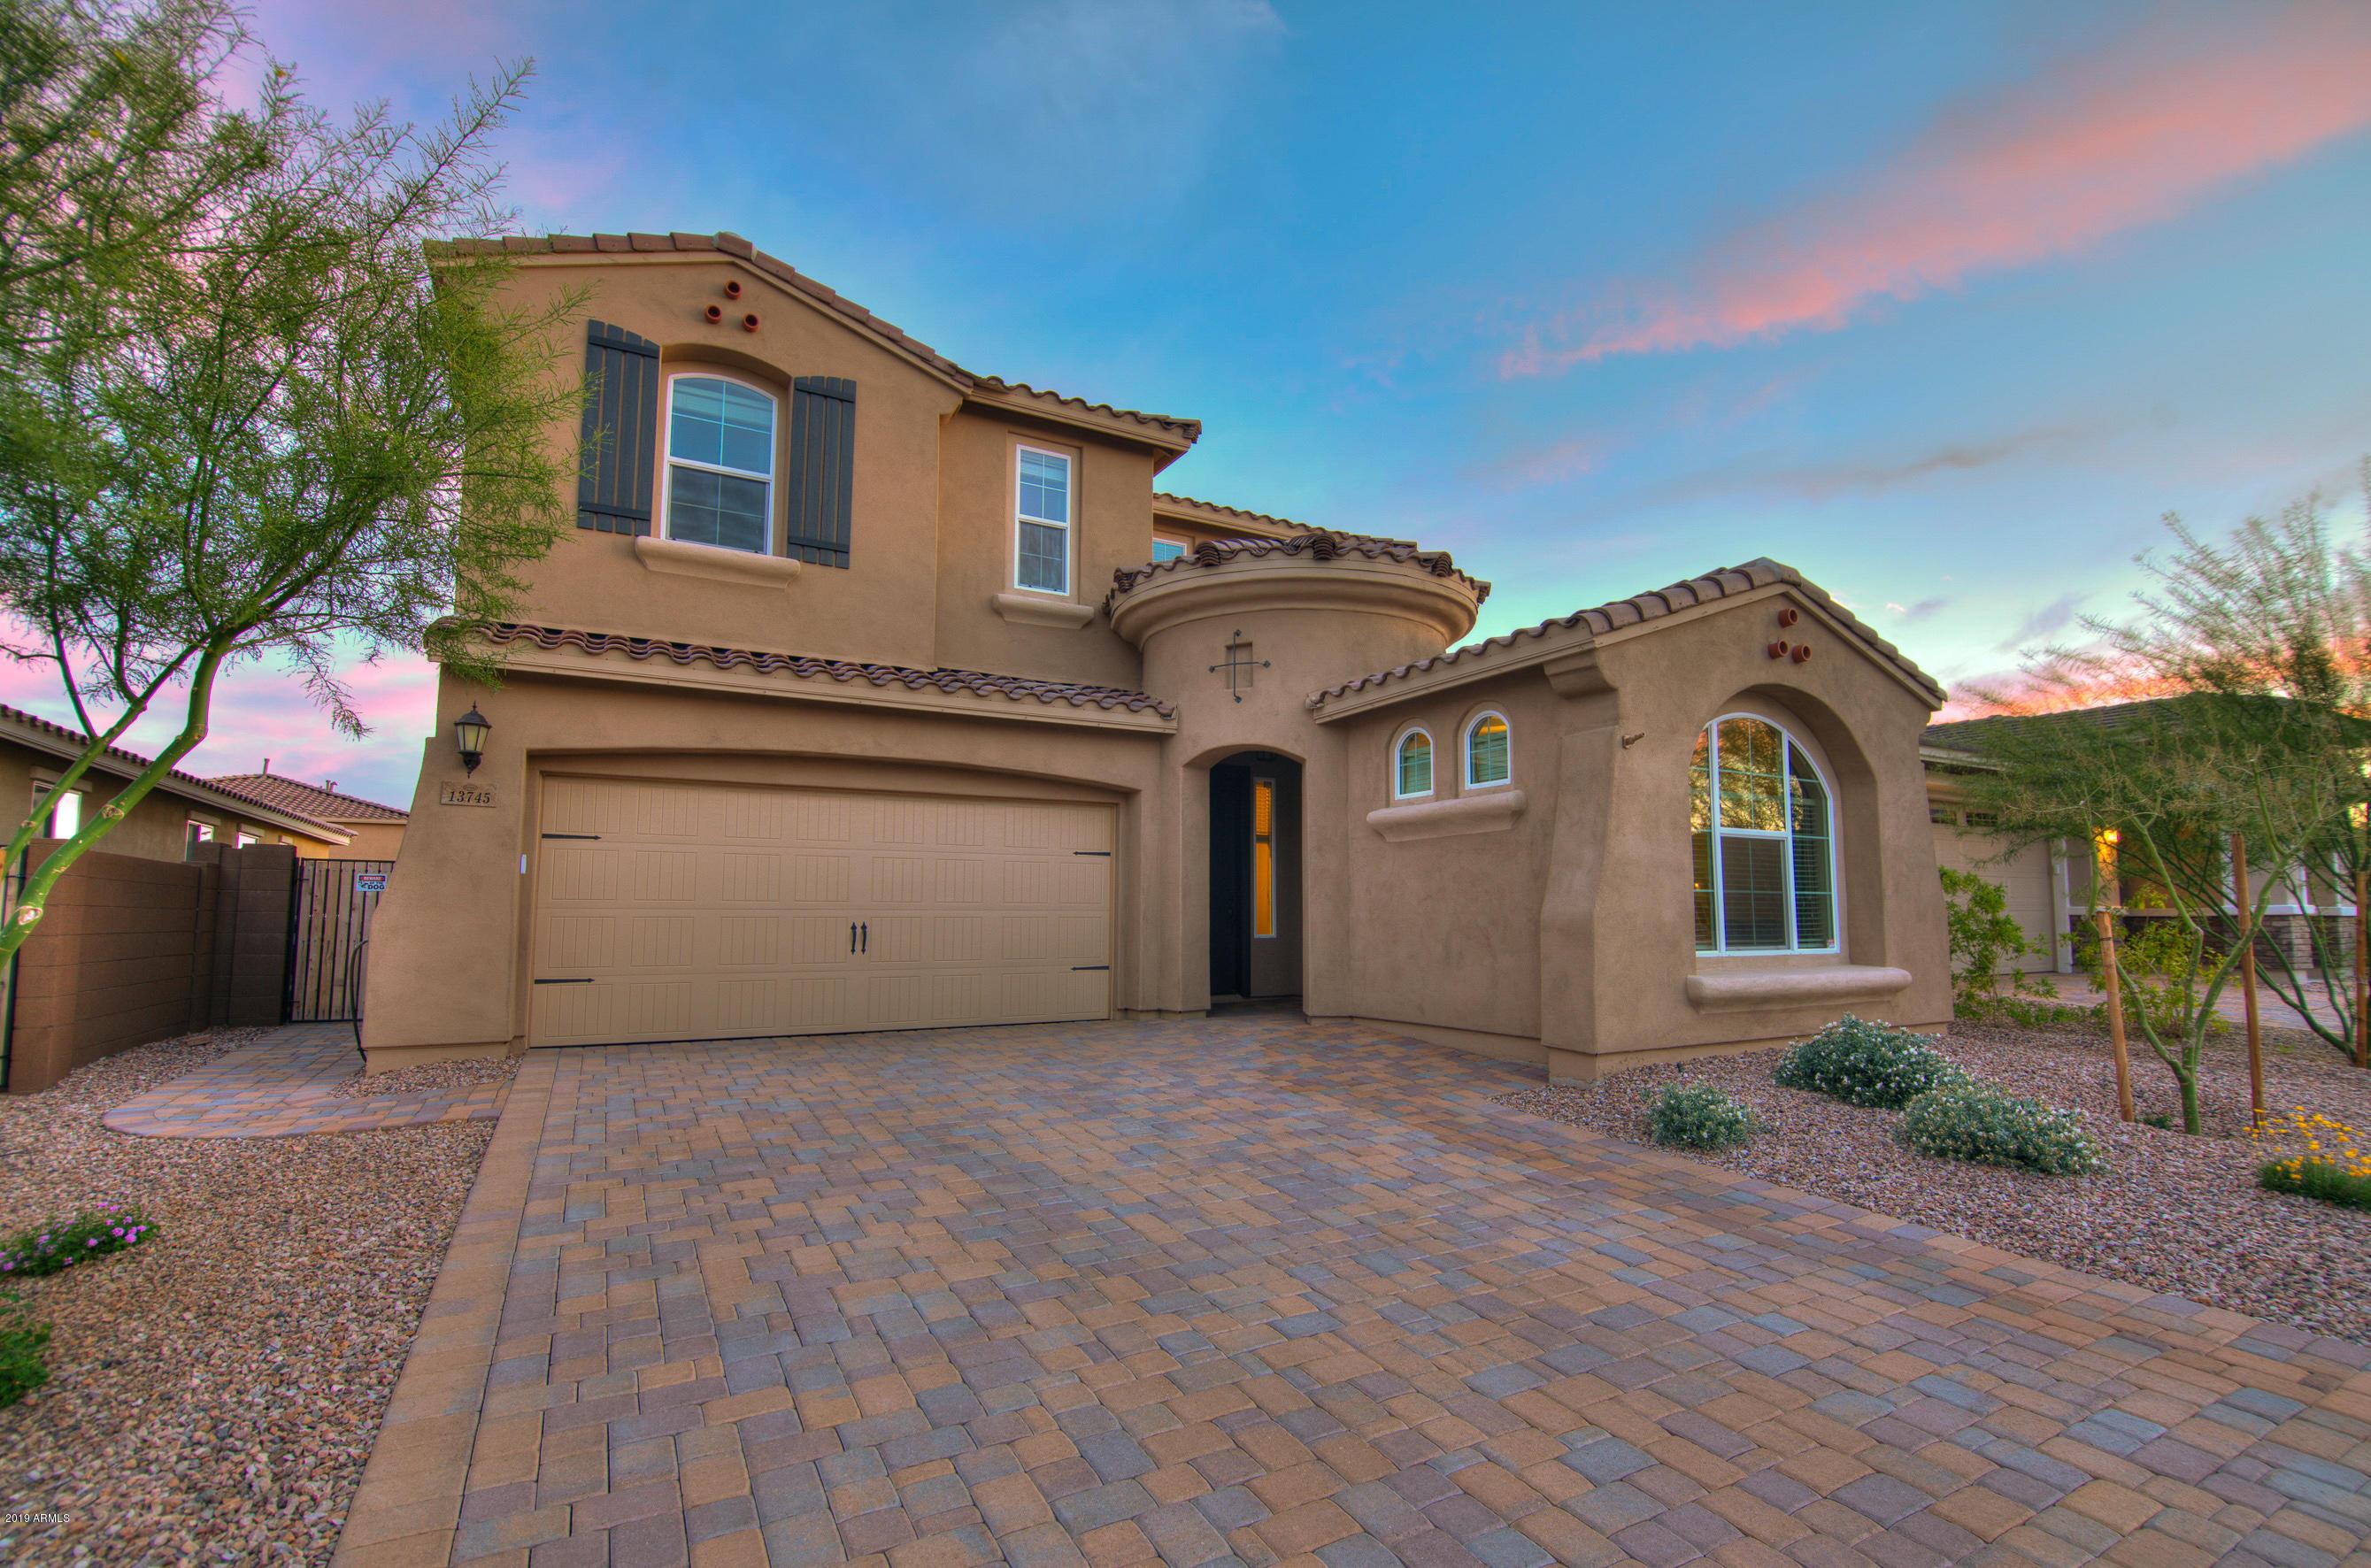 13745 W AMARANTH Street, Peoria AZ 85383